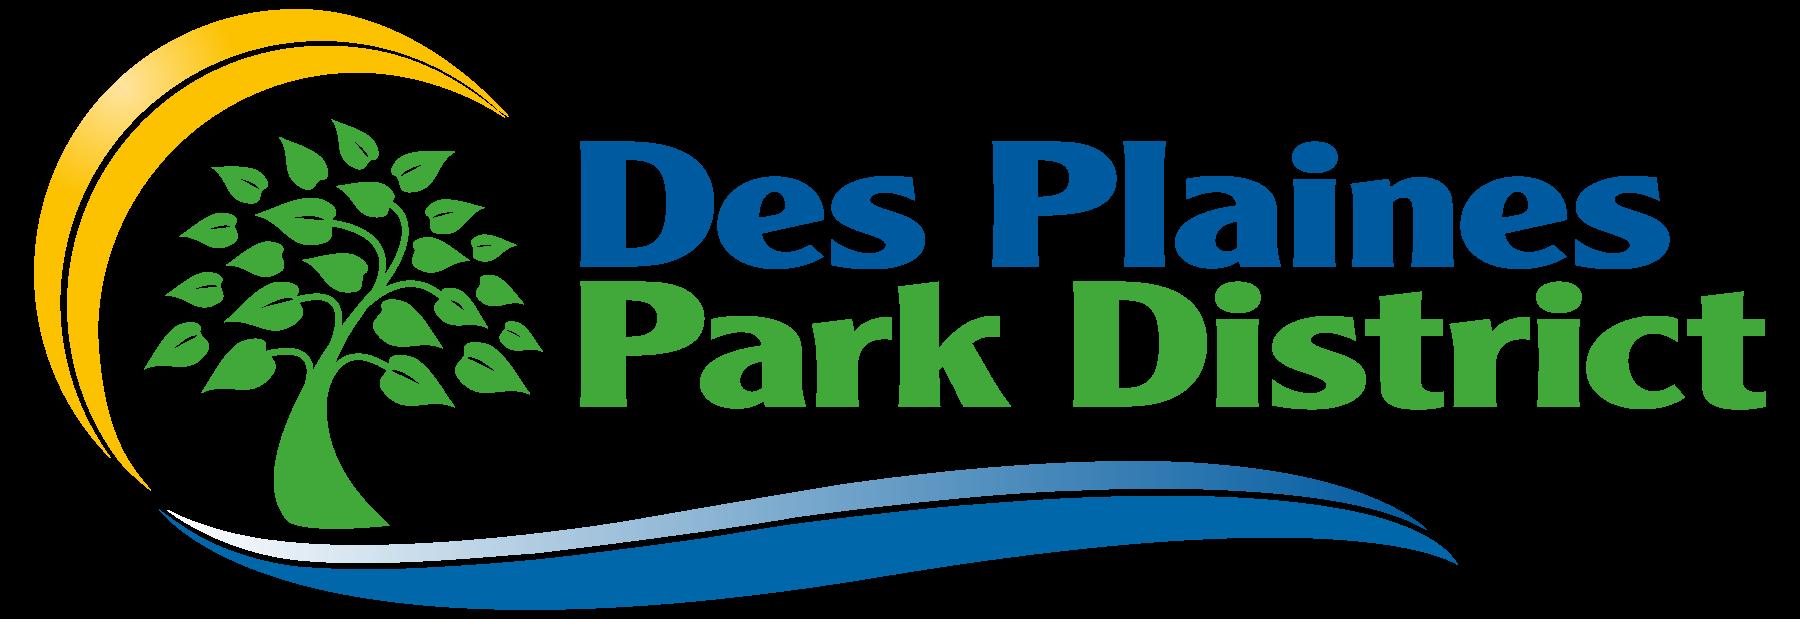 Des Plaines Park District Logo for Registration Forms